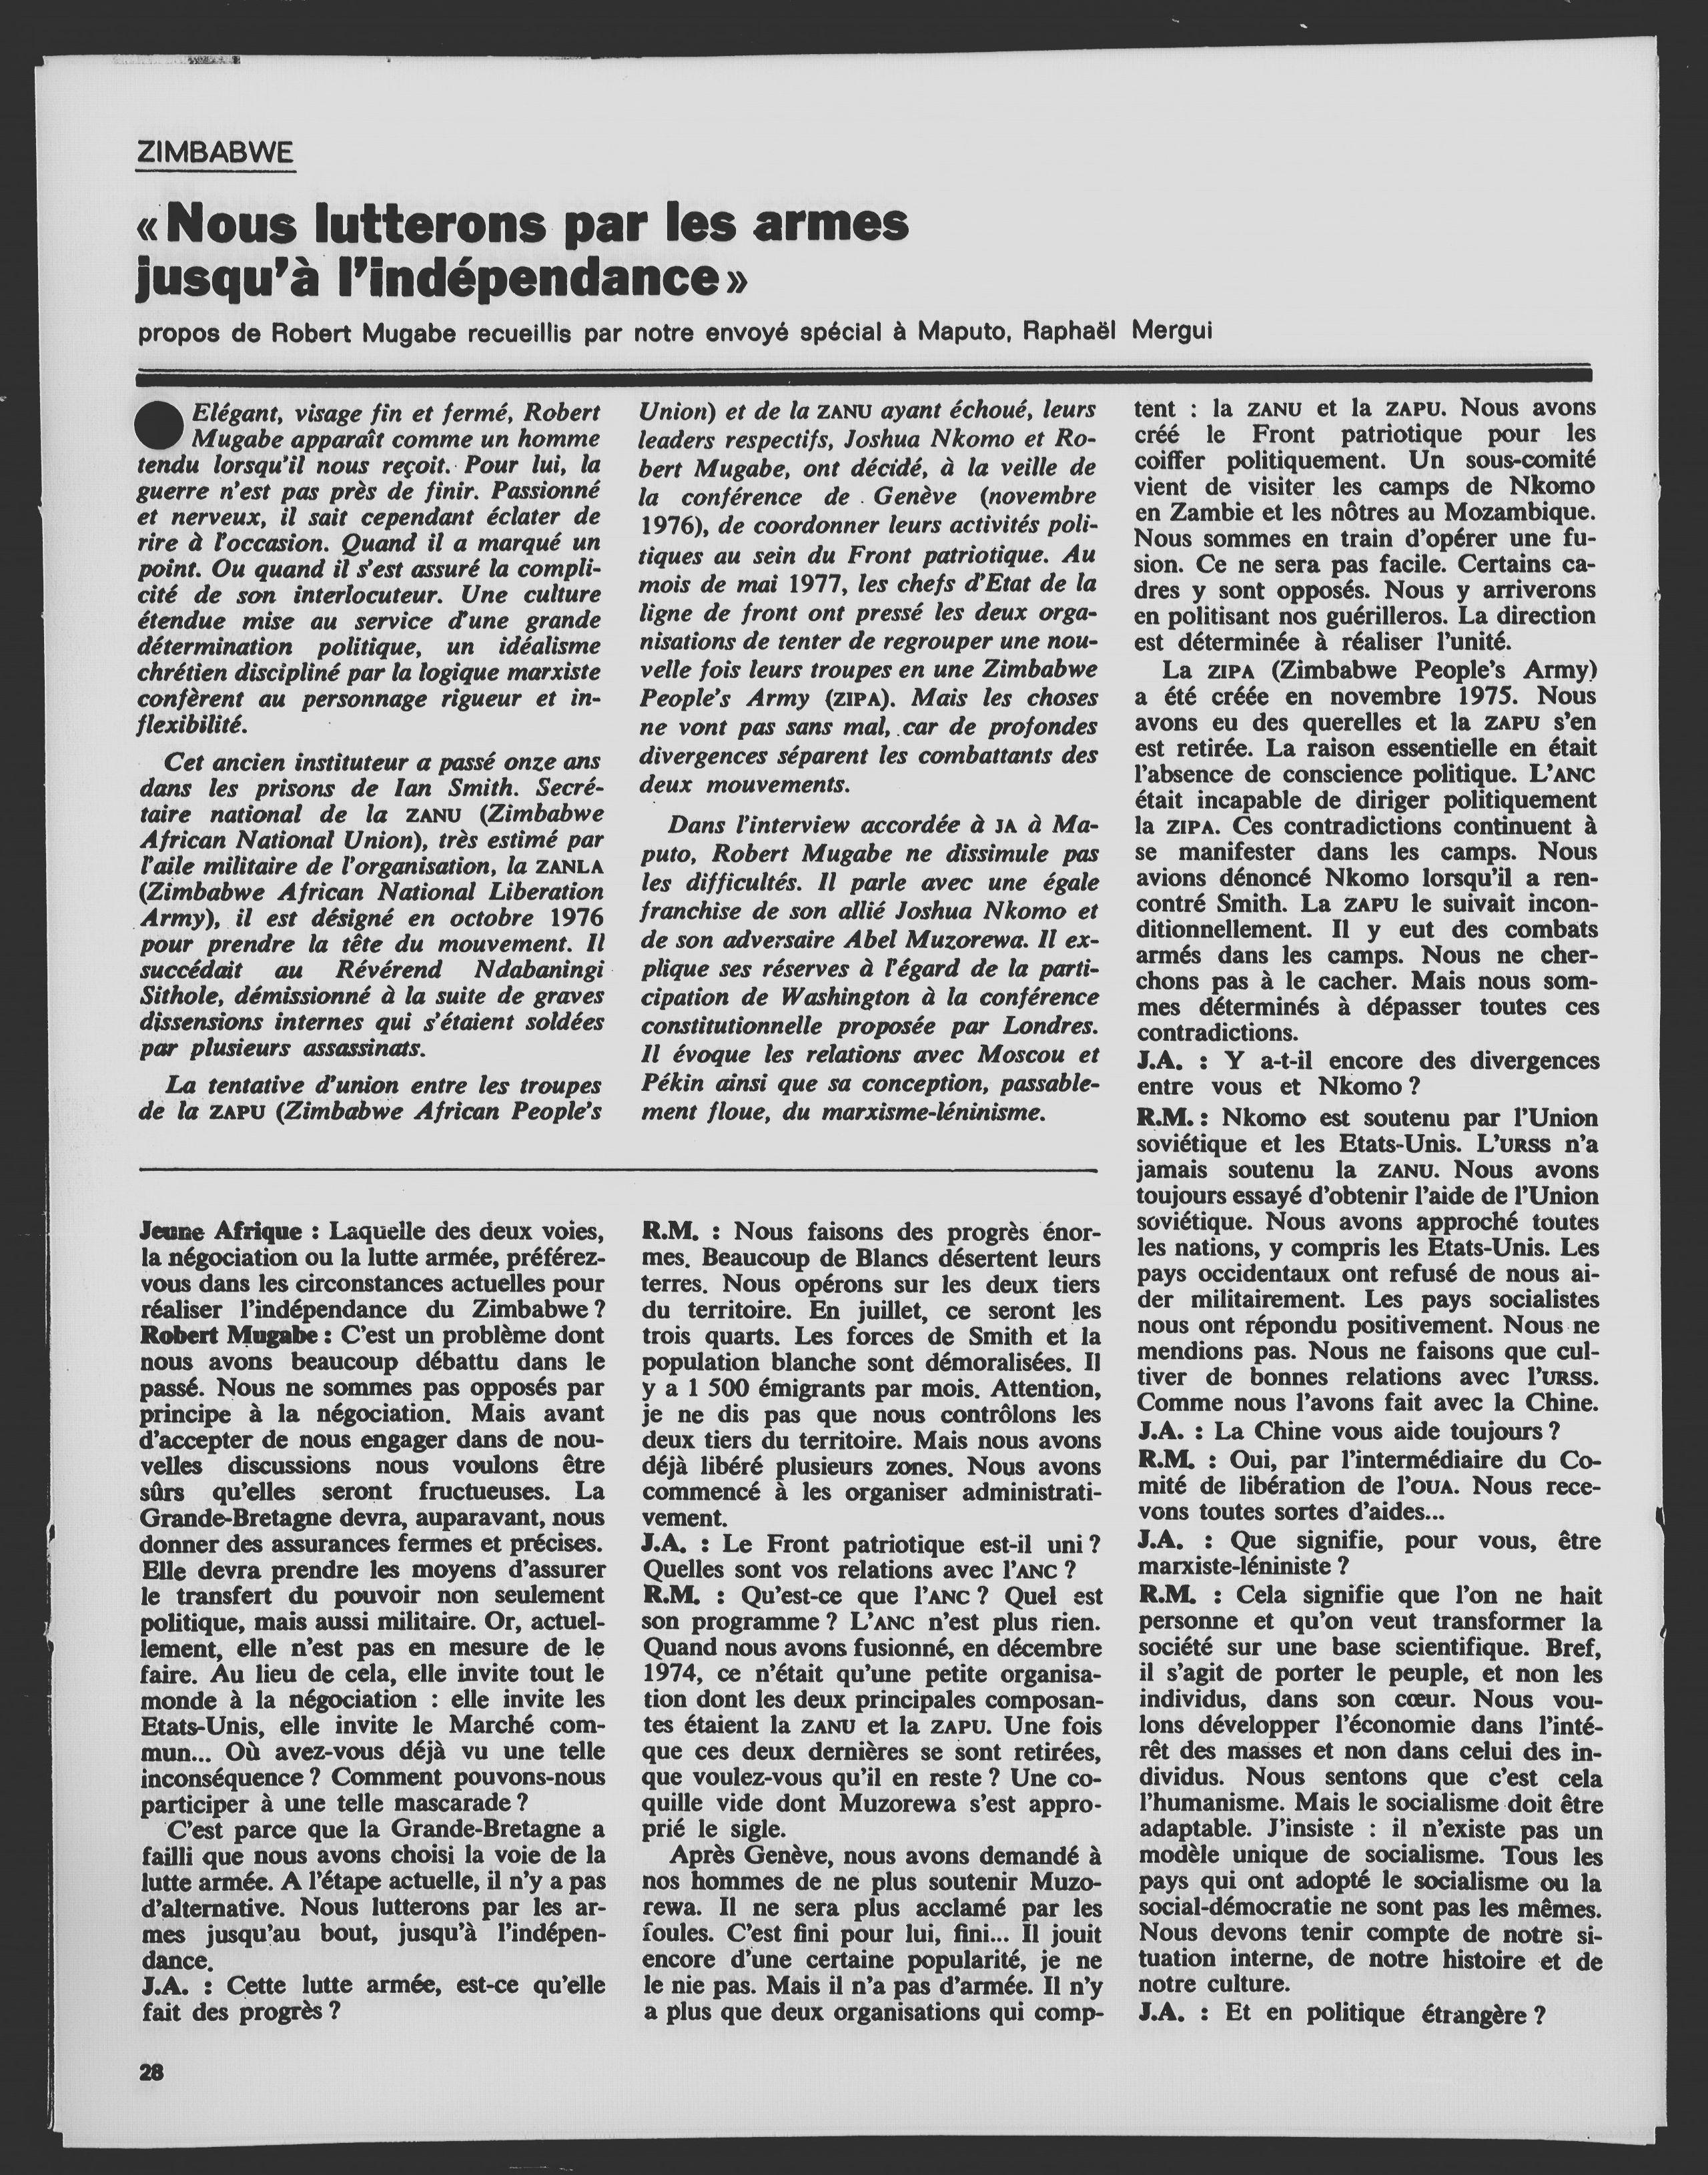 Article du 17 juin 1977